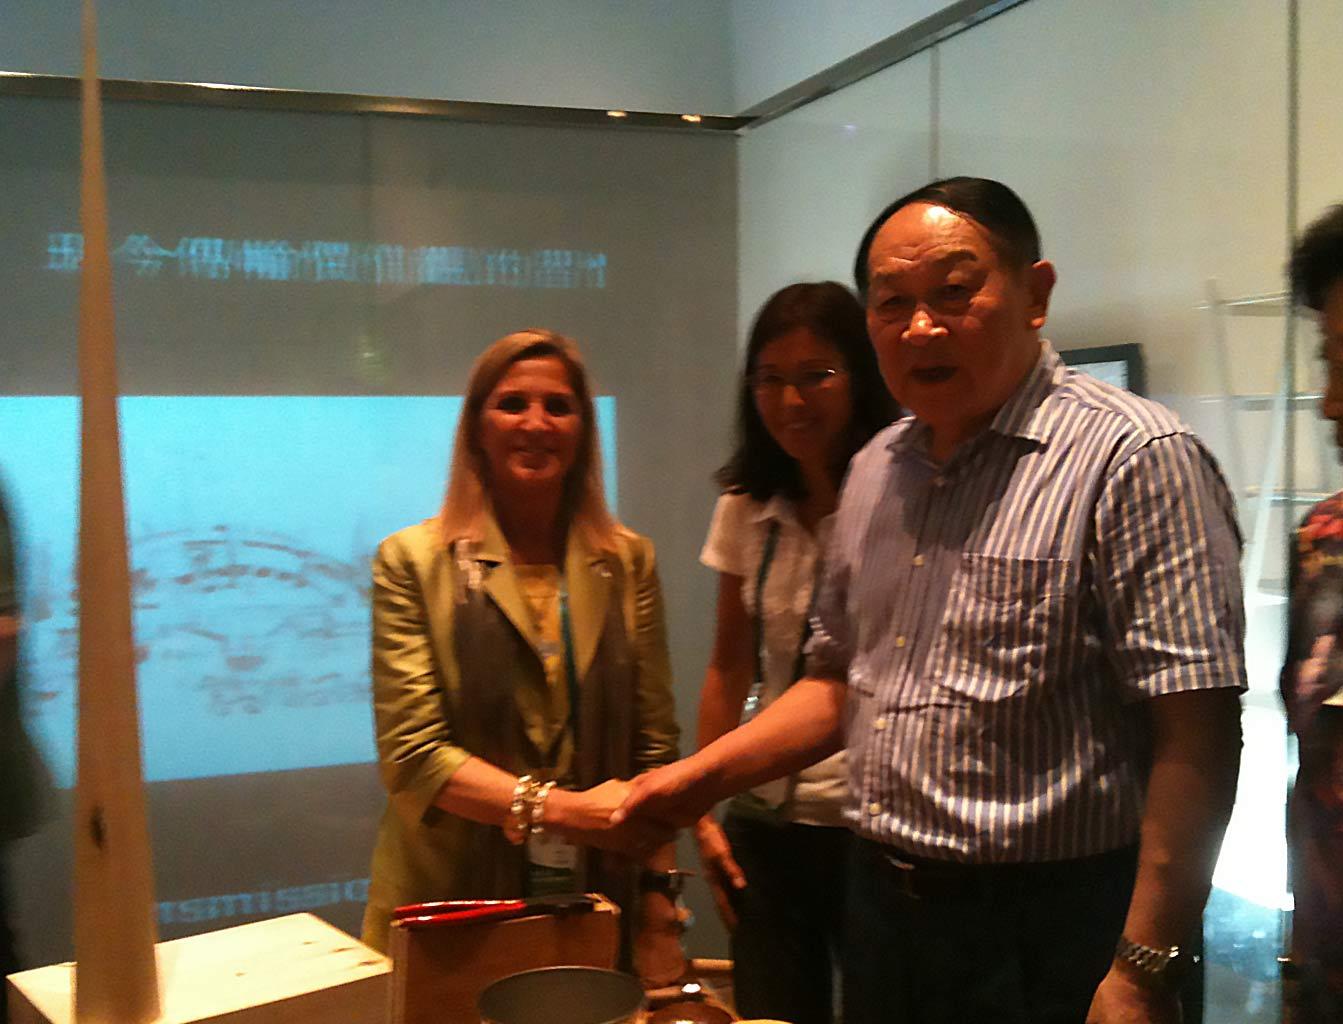 Expo Universale di Shanghai, Pinocchioworld, luglio 2010 – il Ministro della Difesa della Cina nel laboratorio di Pinocchio